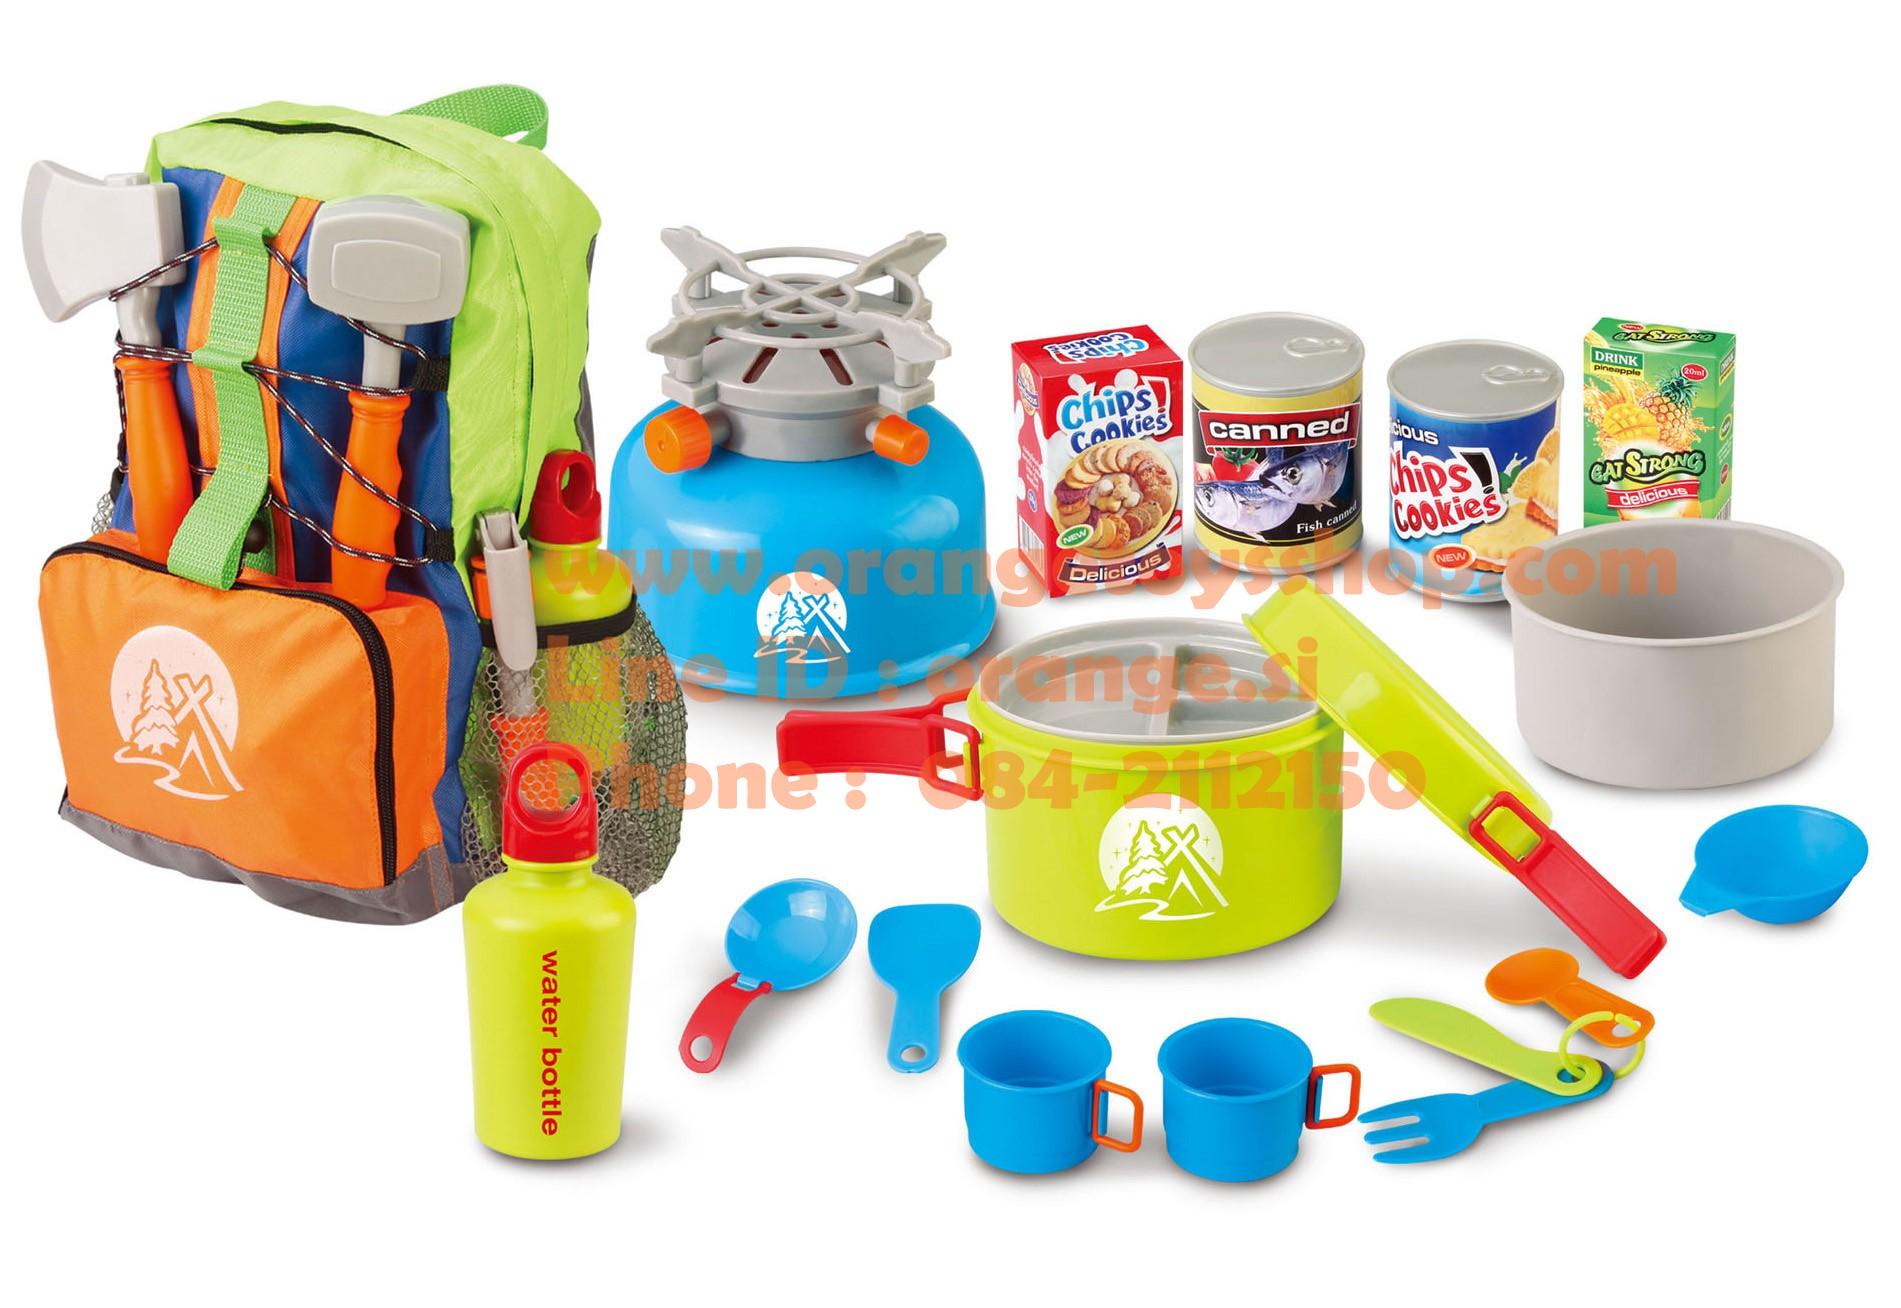 ชุดเดินป่า Berry Toys Little Explorer 13-Piece Camping Cooker Play Set